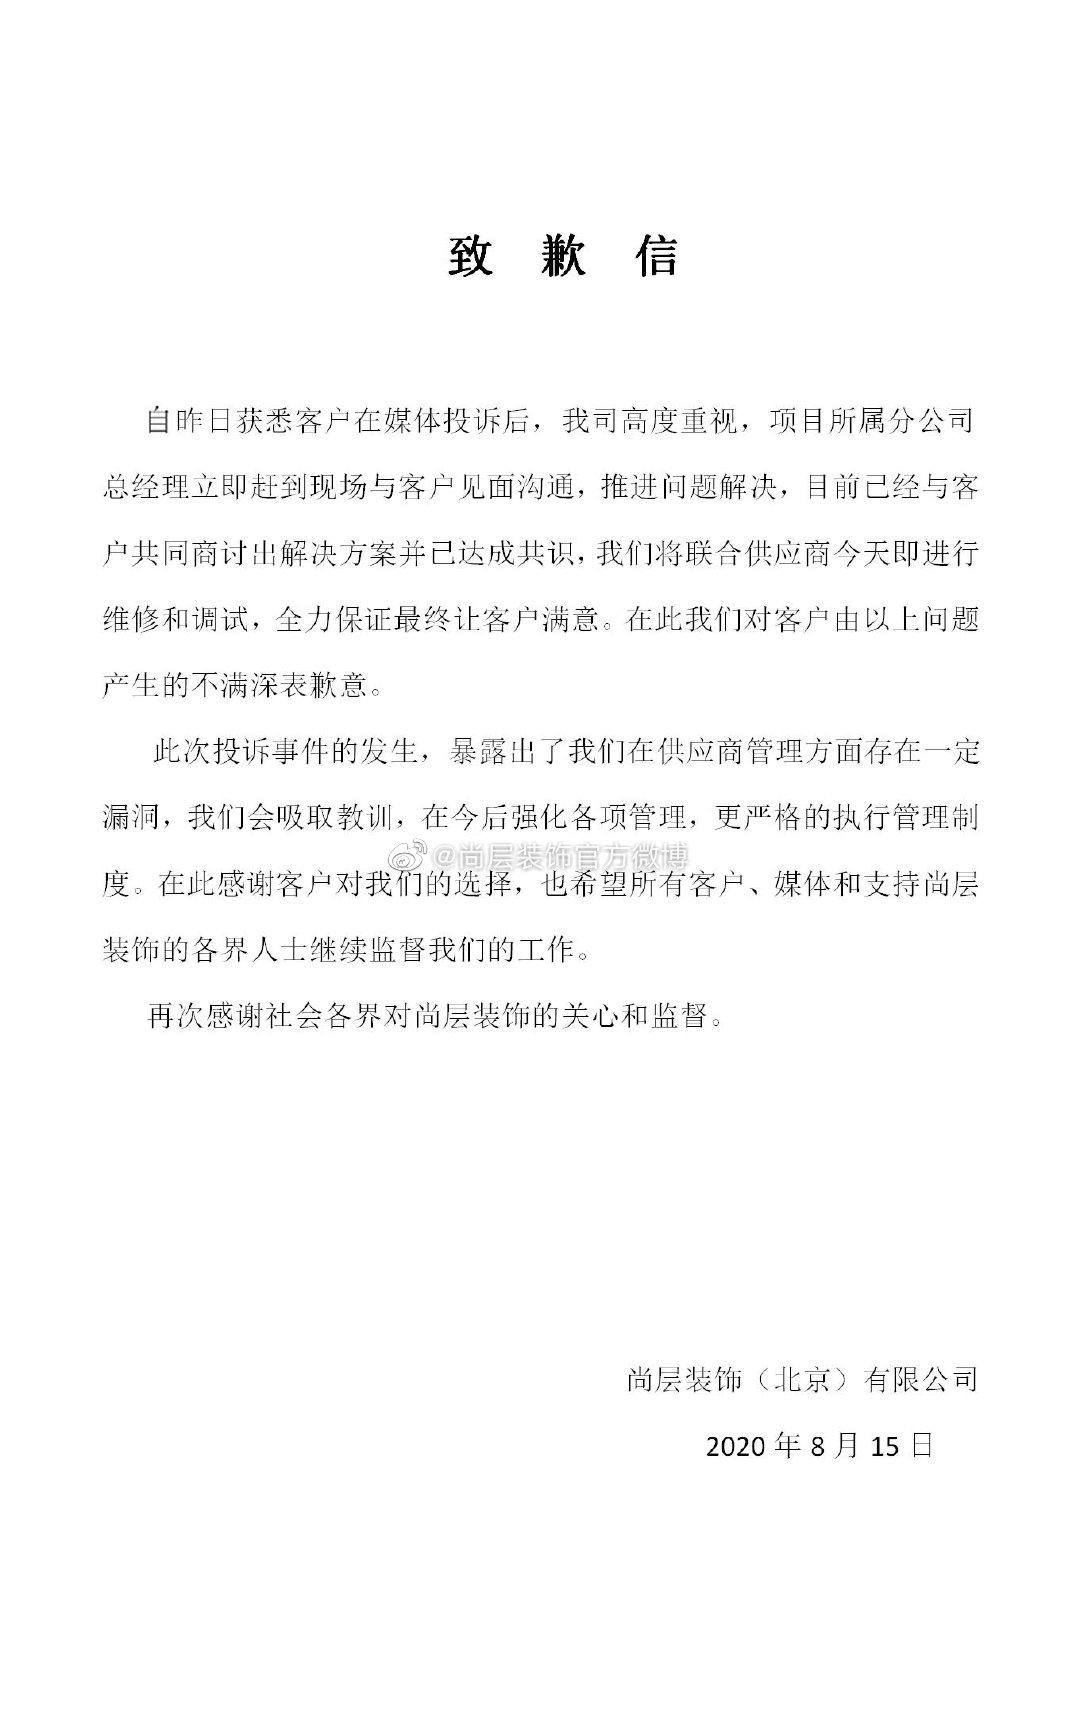 尚层装饰致歉:上海分公司与郑爽父亲和解,进行维修调试